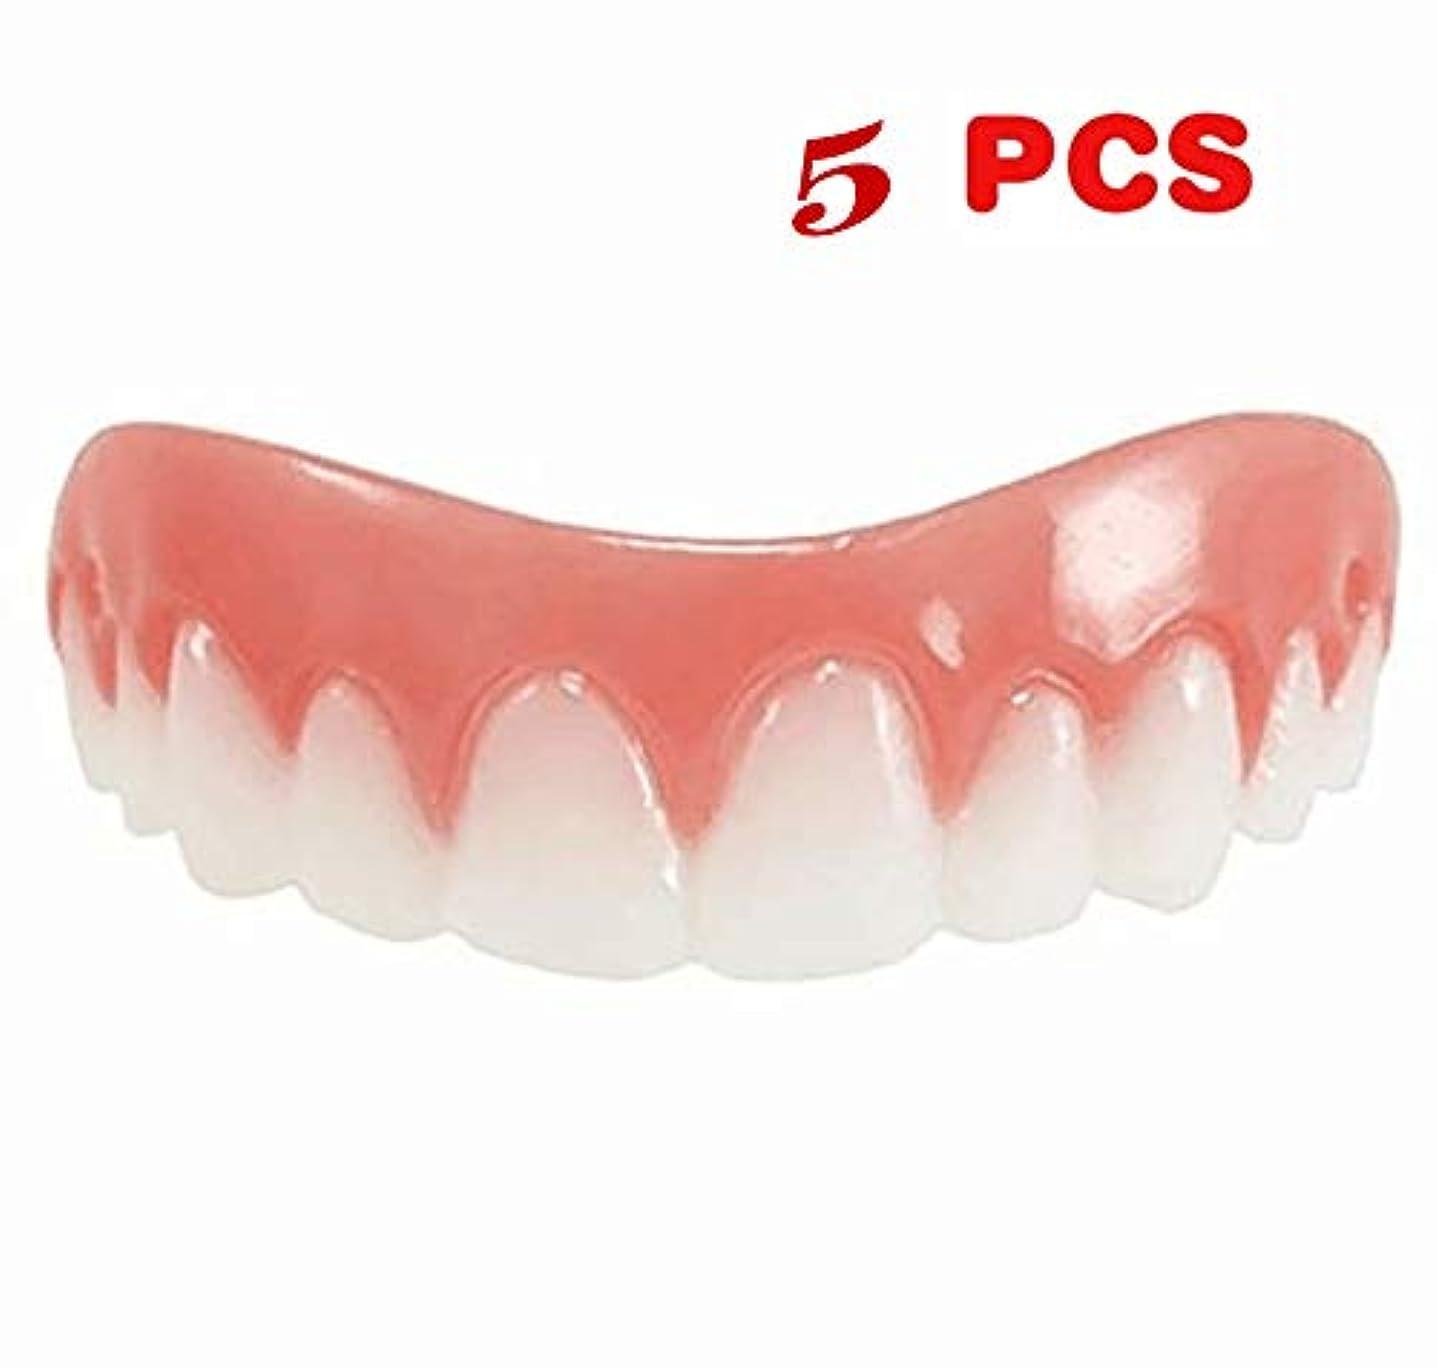 マーガレットミッチェル推定する文明化する5ピース新しい再利用可能な大人のスナップオンパーフェクトスマイルホワイトニング義歯フィットフレックス化粧品歯快適な突き板カバーデンタルケアアクセサリー